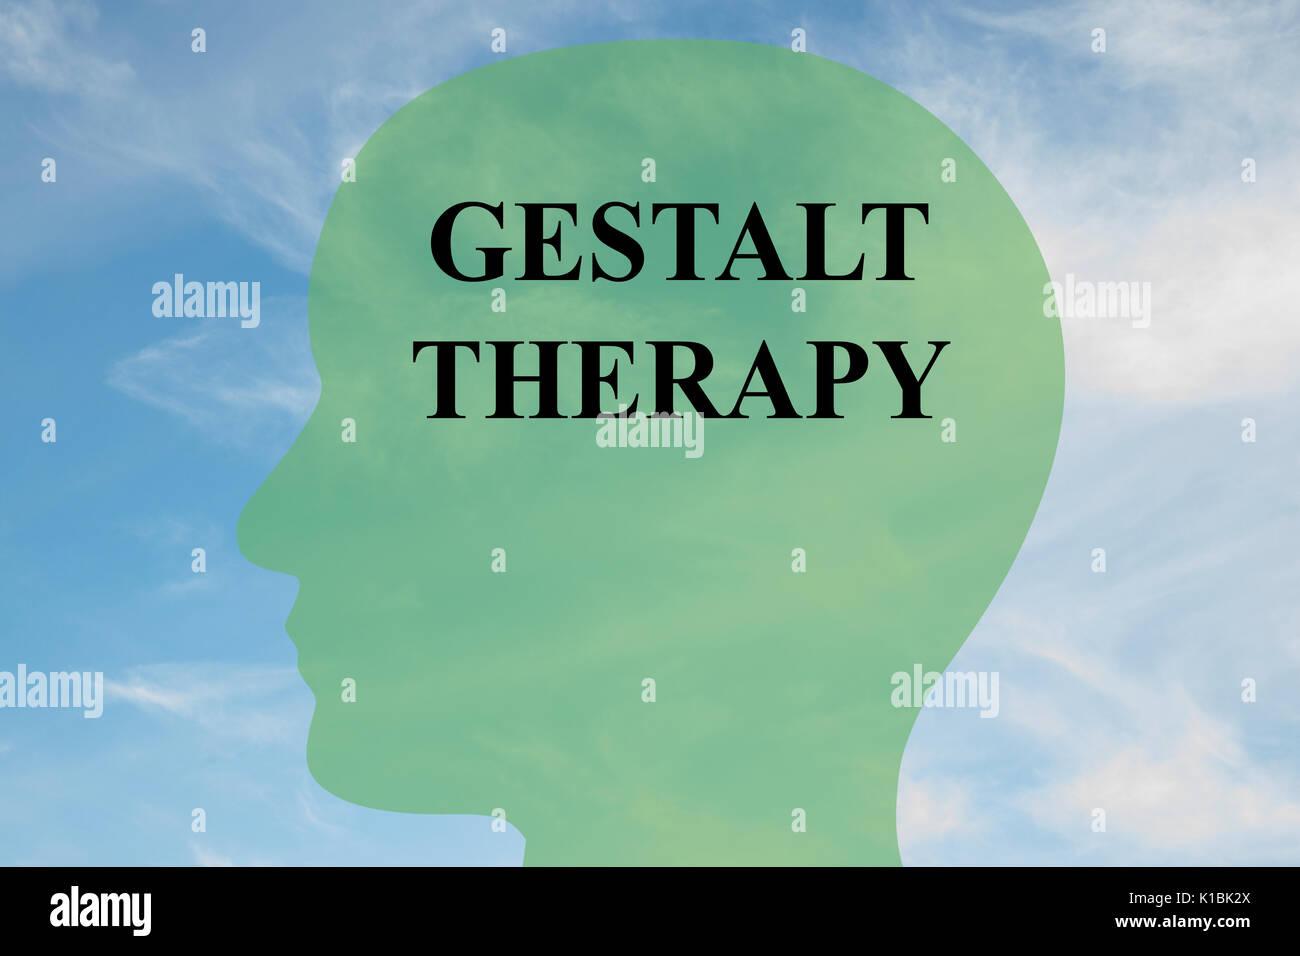 Il rendering di illustrazione della terapia della gestalt script sulla silhouette di testa, con cielo nuvoloso come sfondo. Cervello umano concetto. Immagini Stock